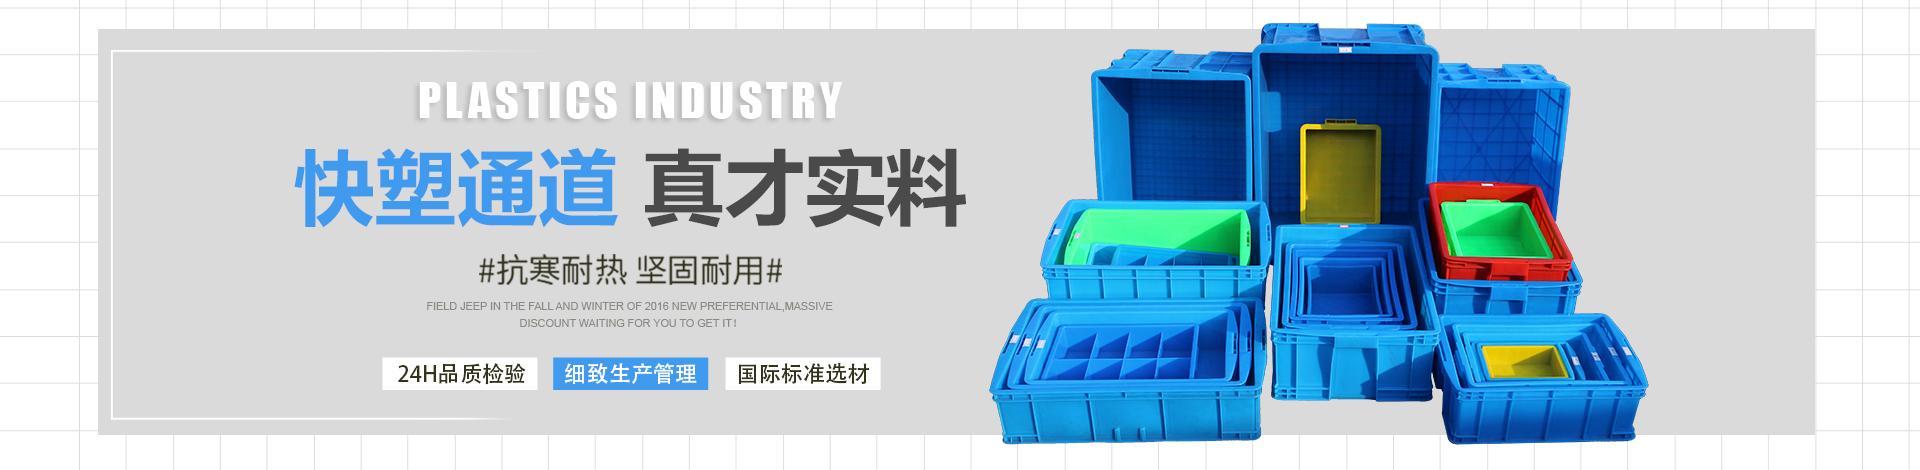 江苏轩盛塑业科技有限公司